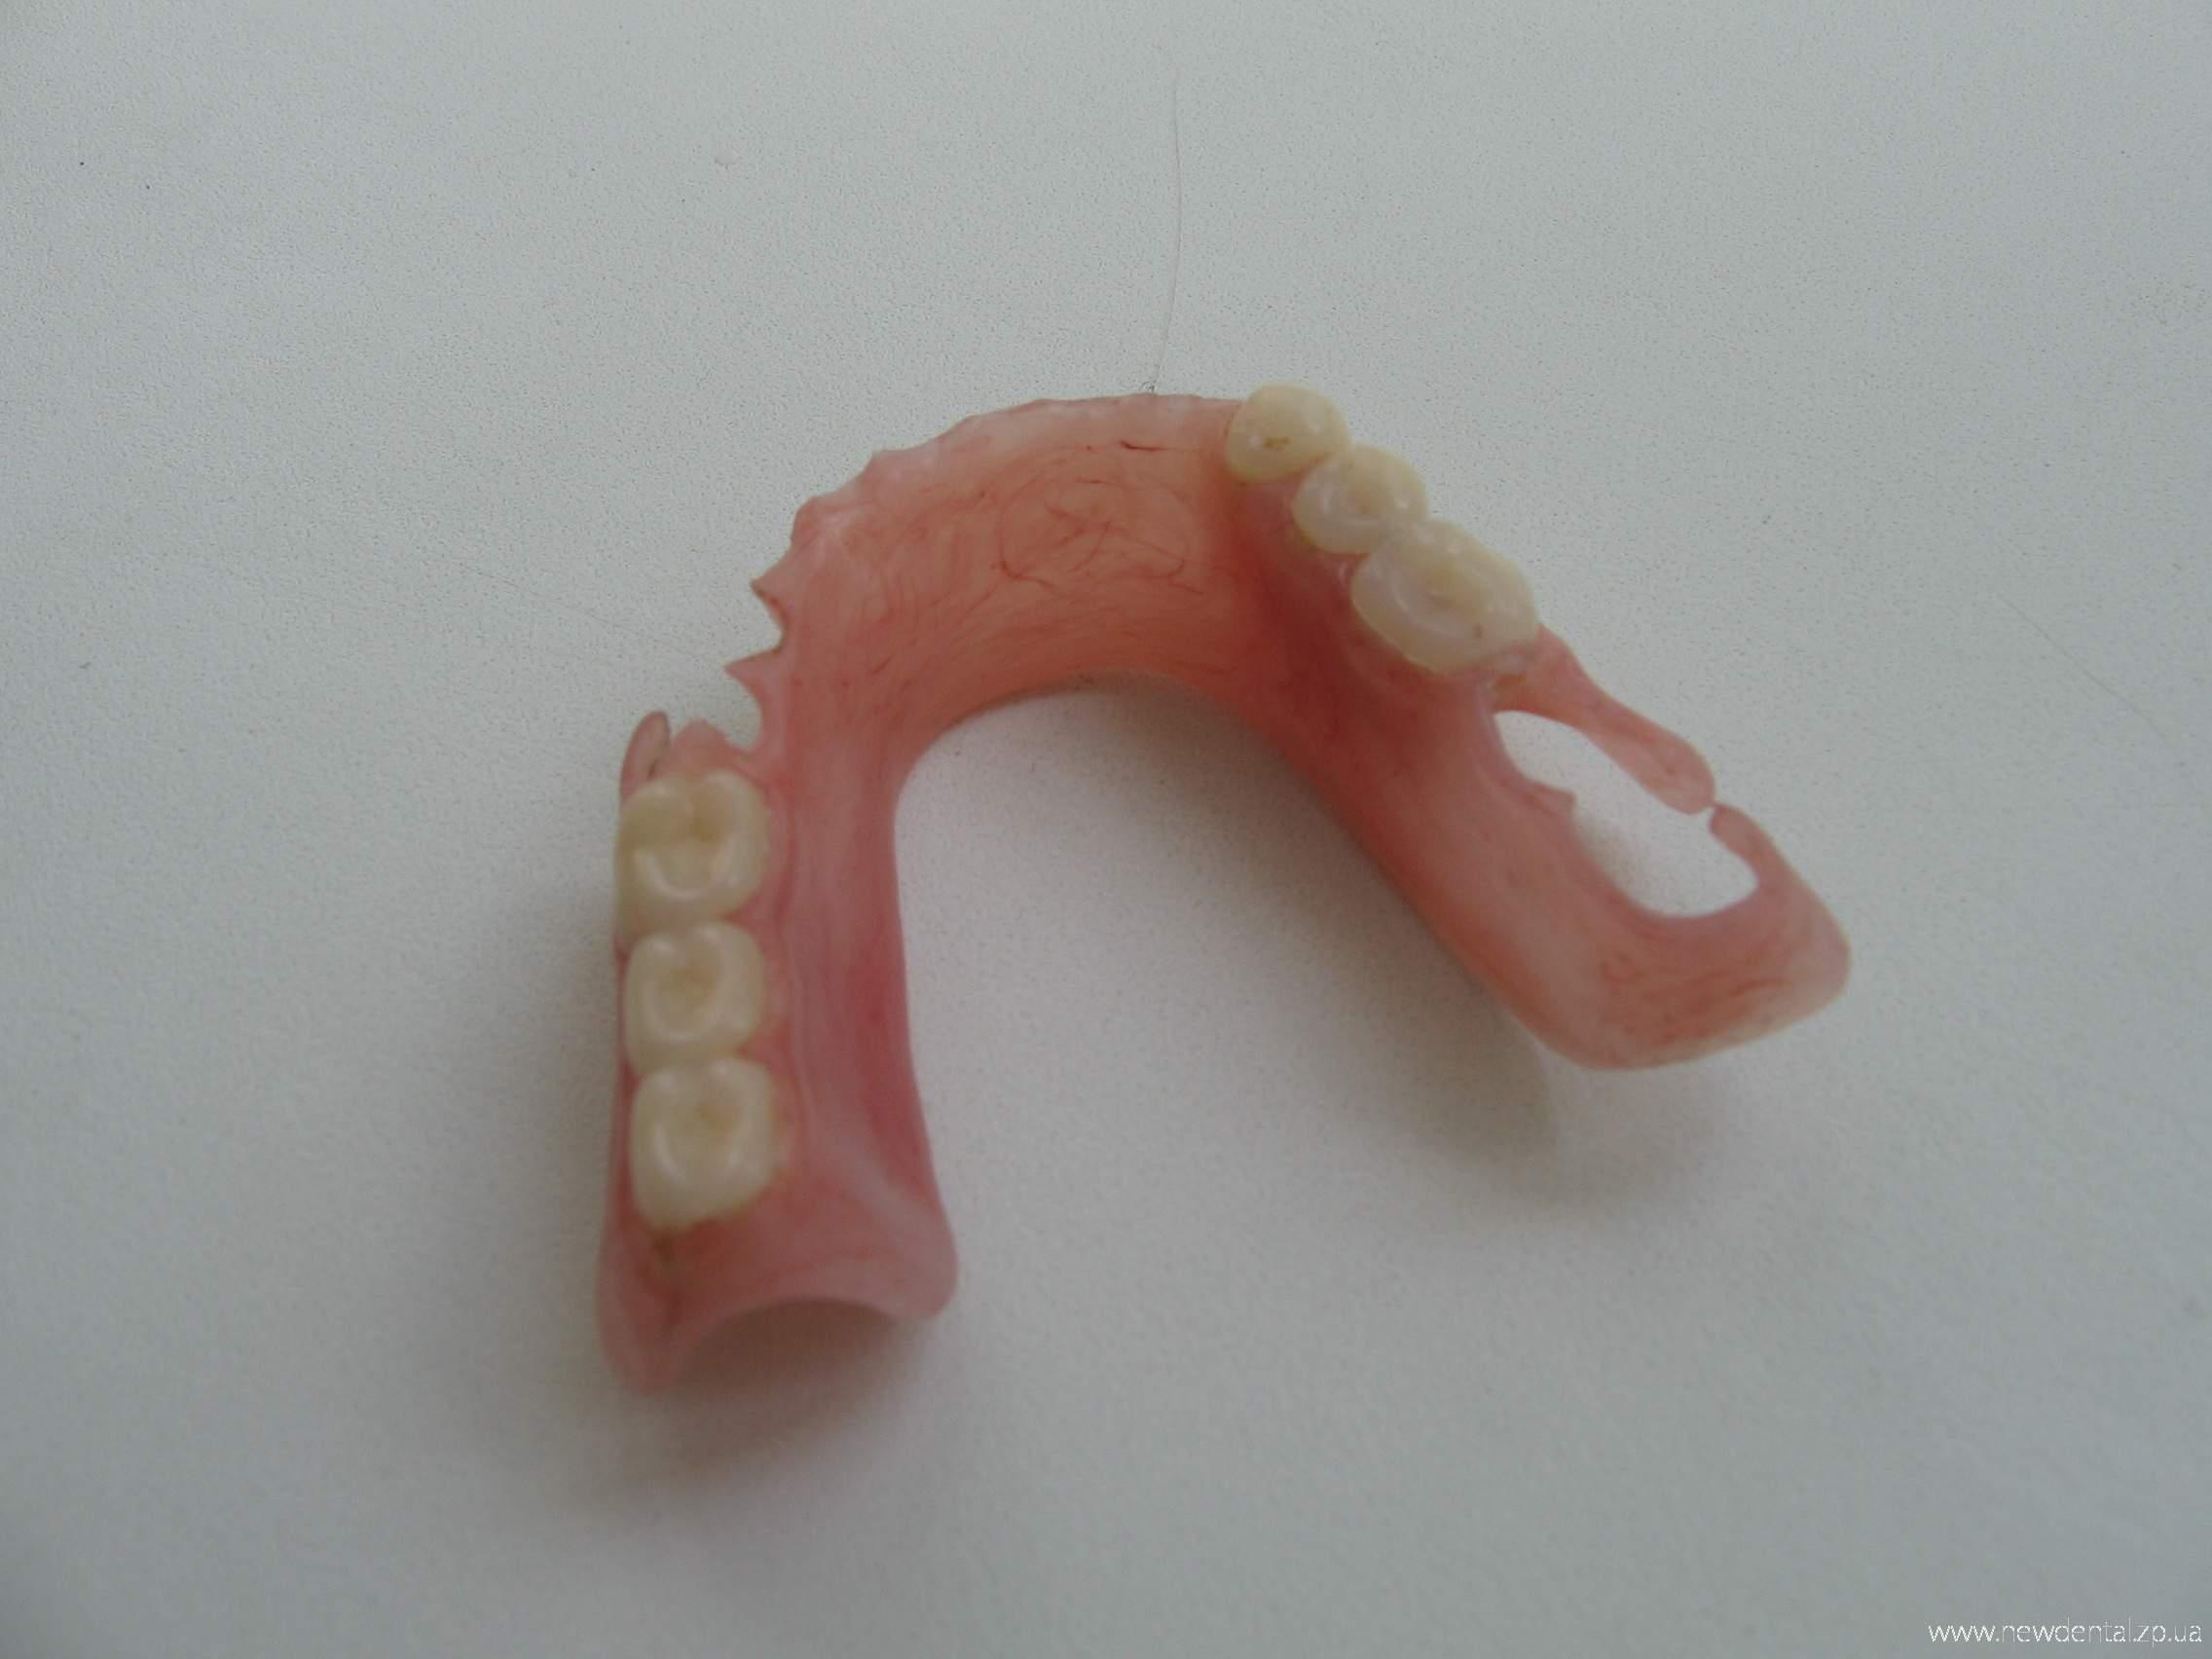 Фото съемного протеза на крючках